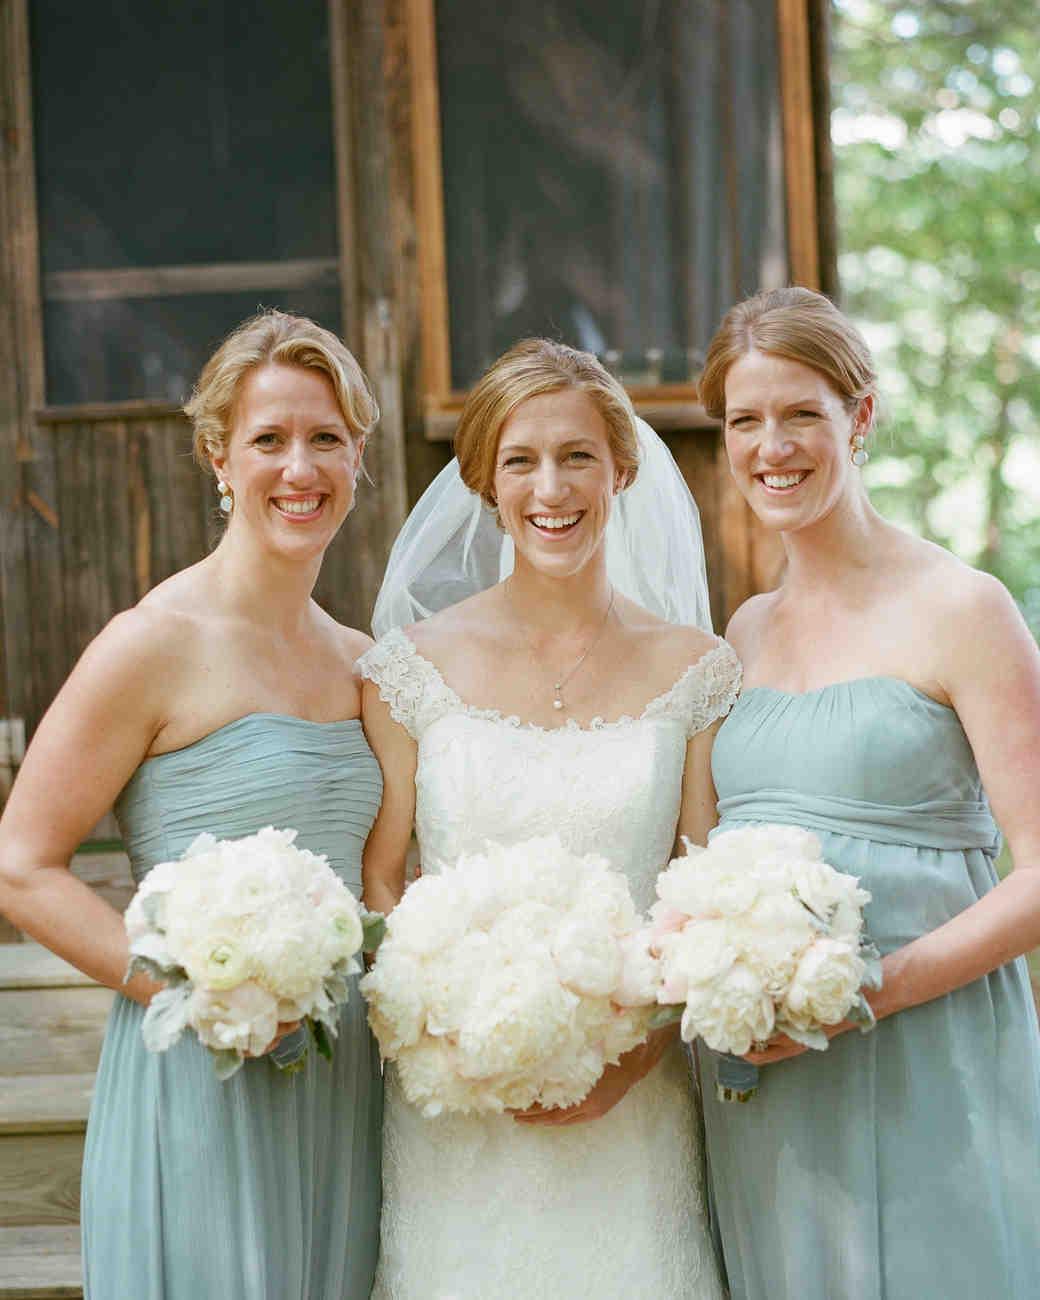 polly-rob-wedding-bridesmaids-0514.jpg